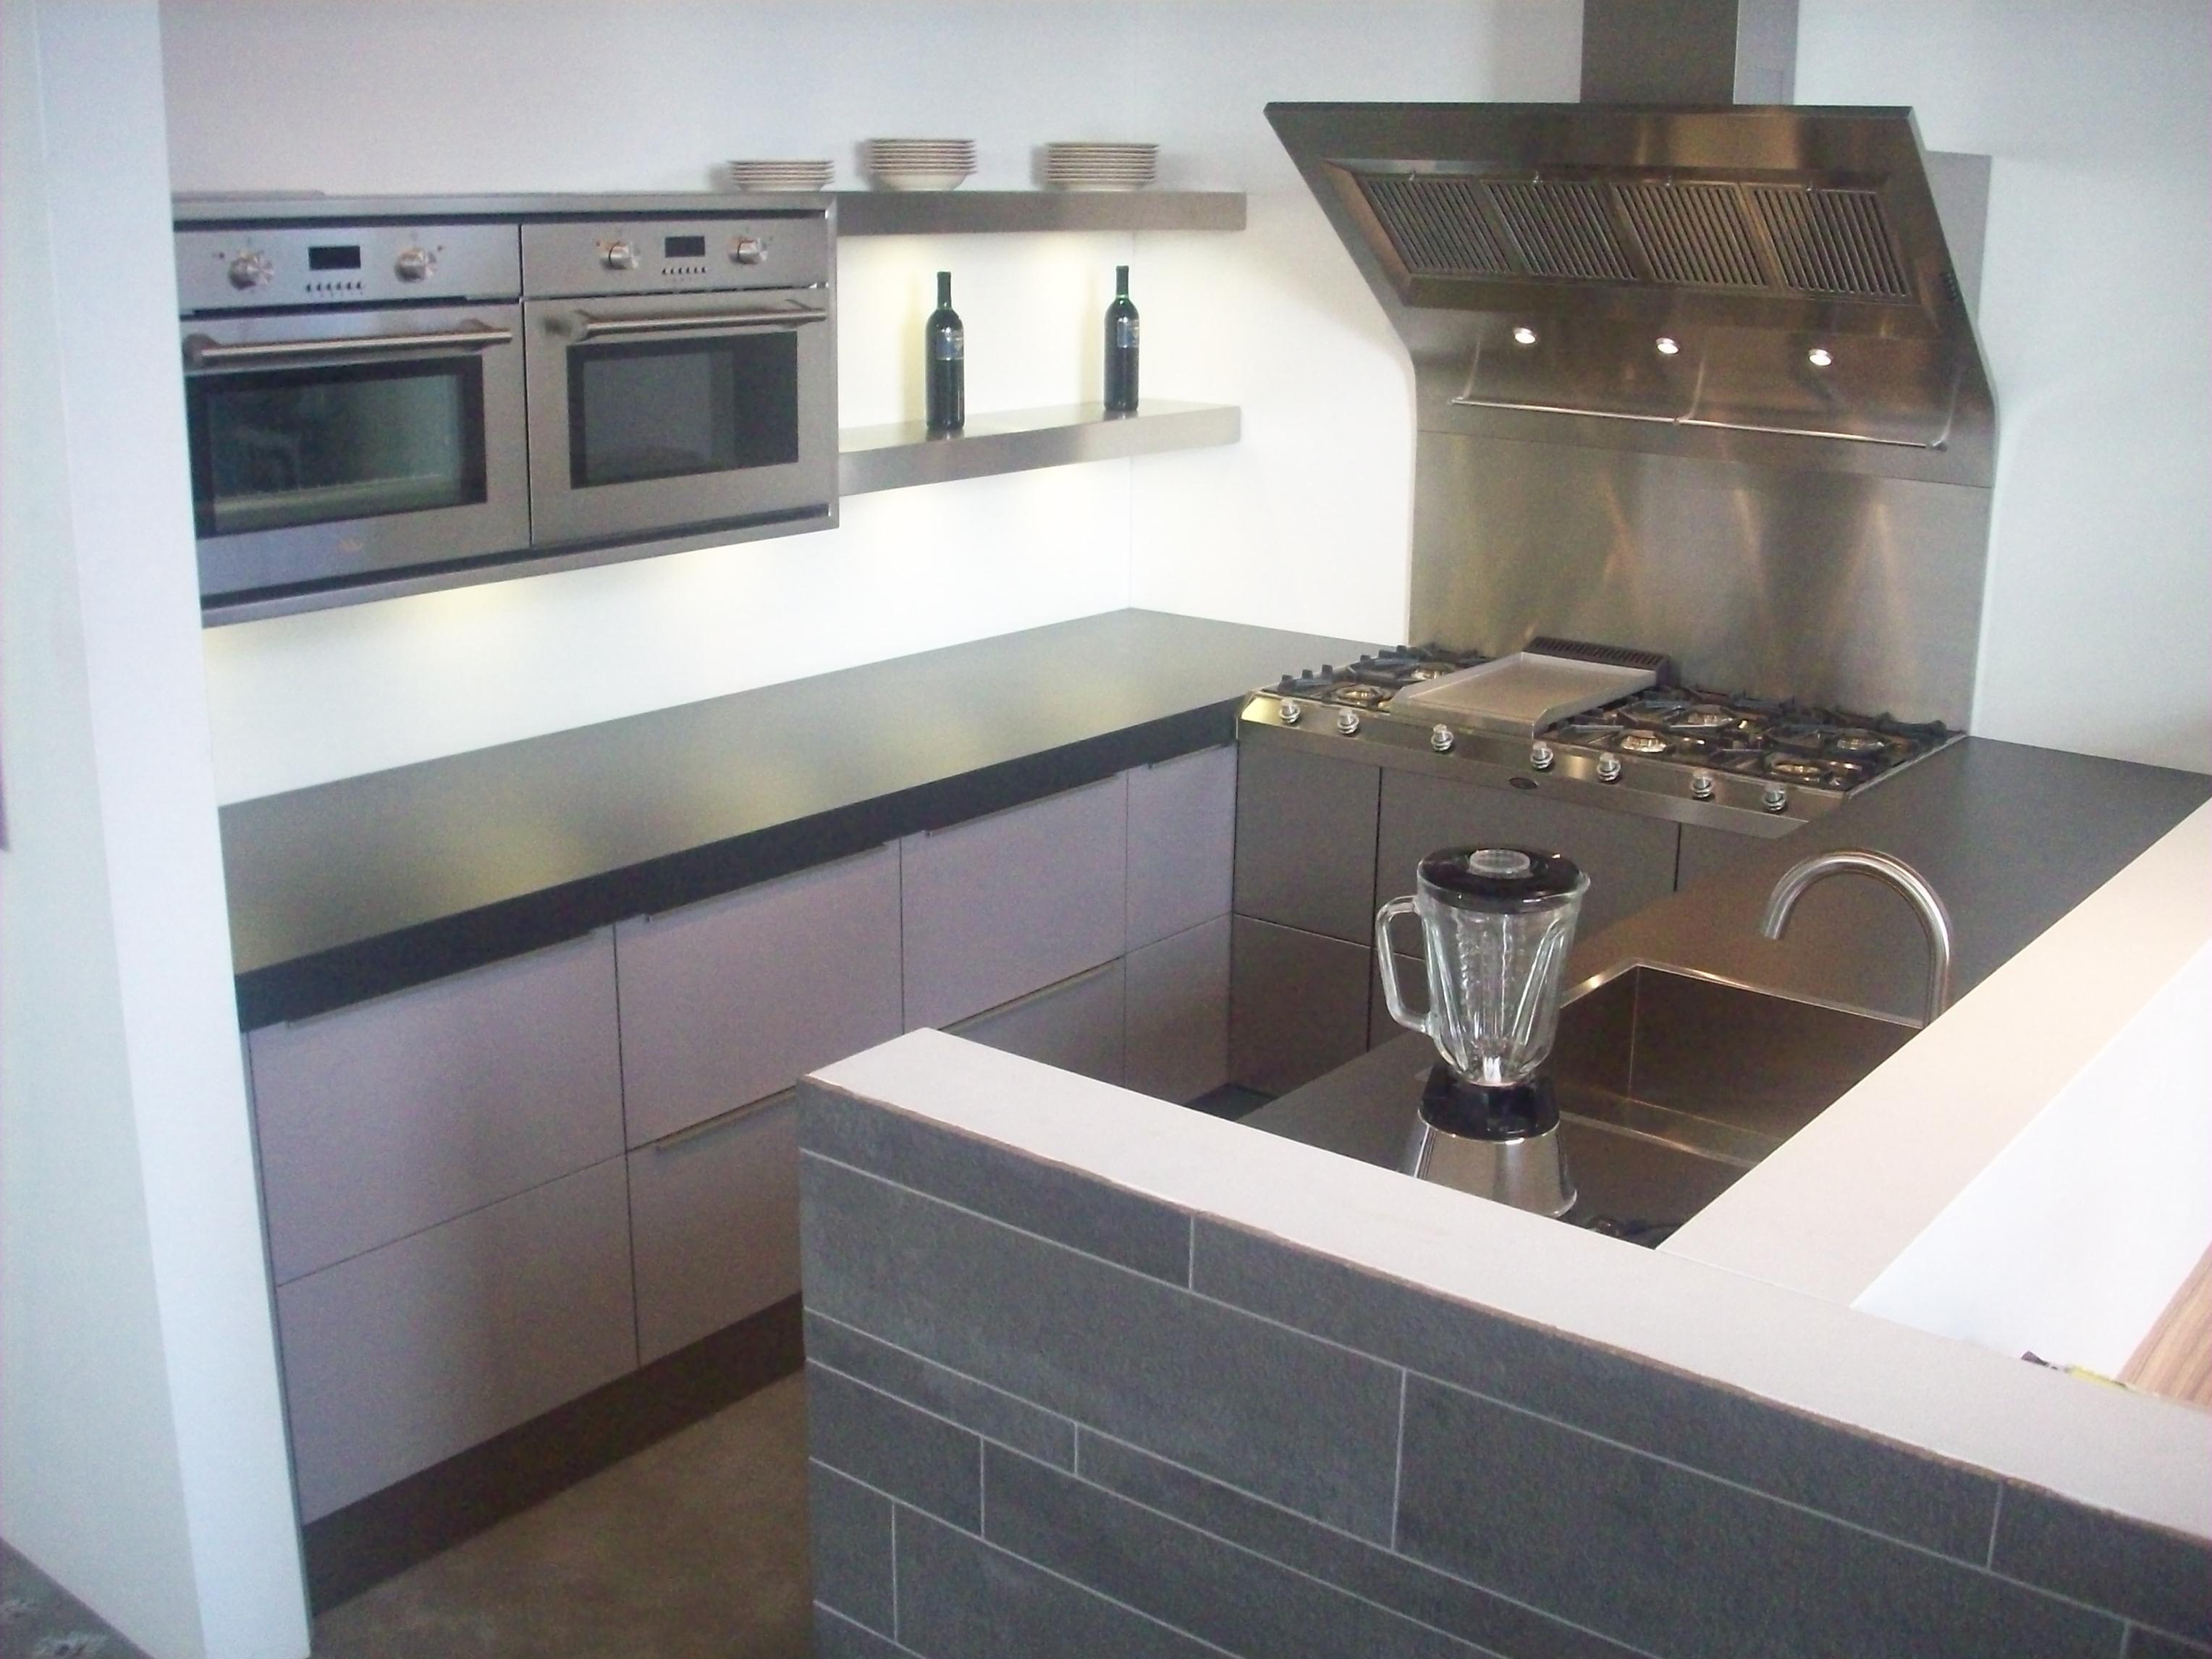 Boretti Keuken Galerij : Keuken plint plint keuken ikea home design